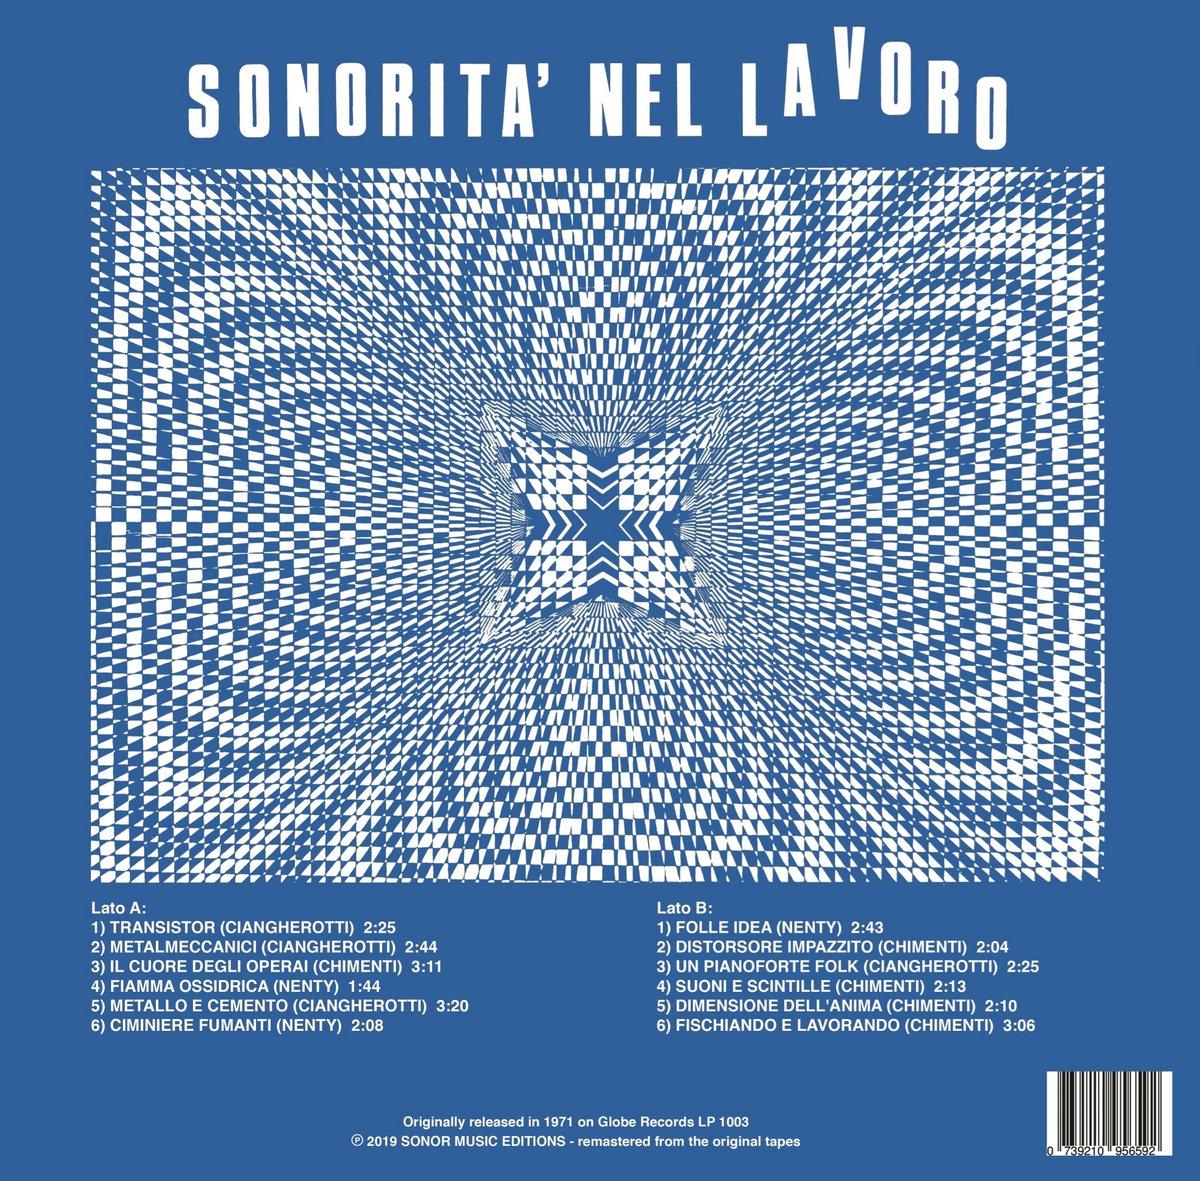 SONORITA' NEL LAVORO | SONOR Music Editions